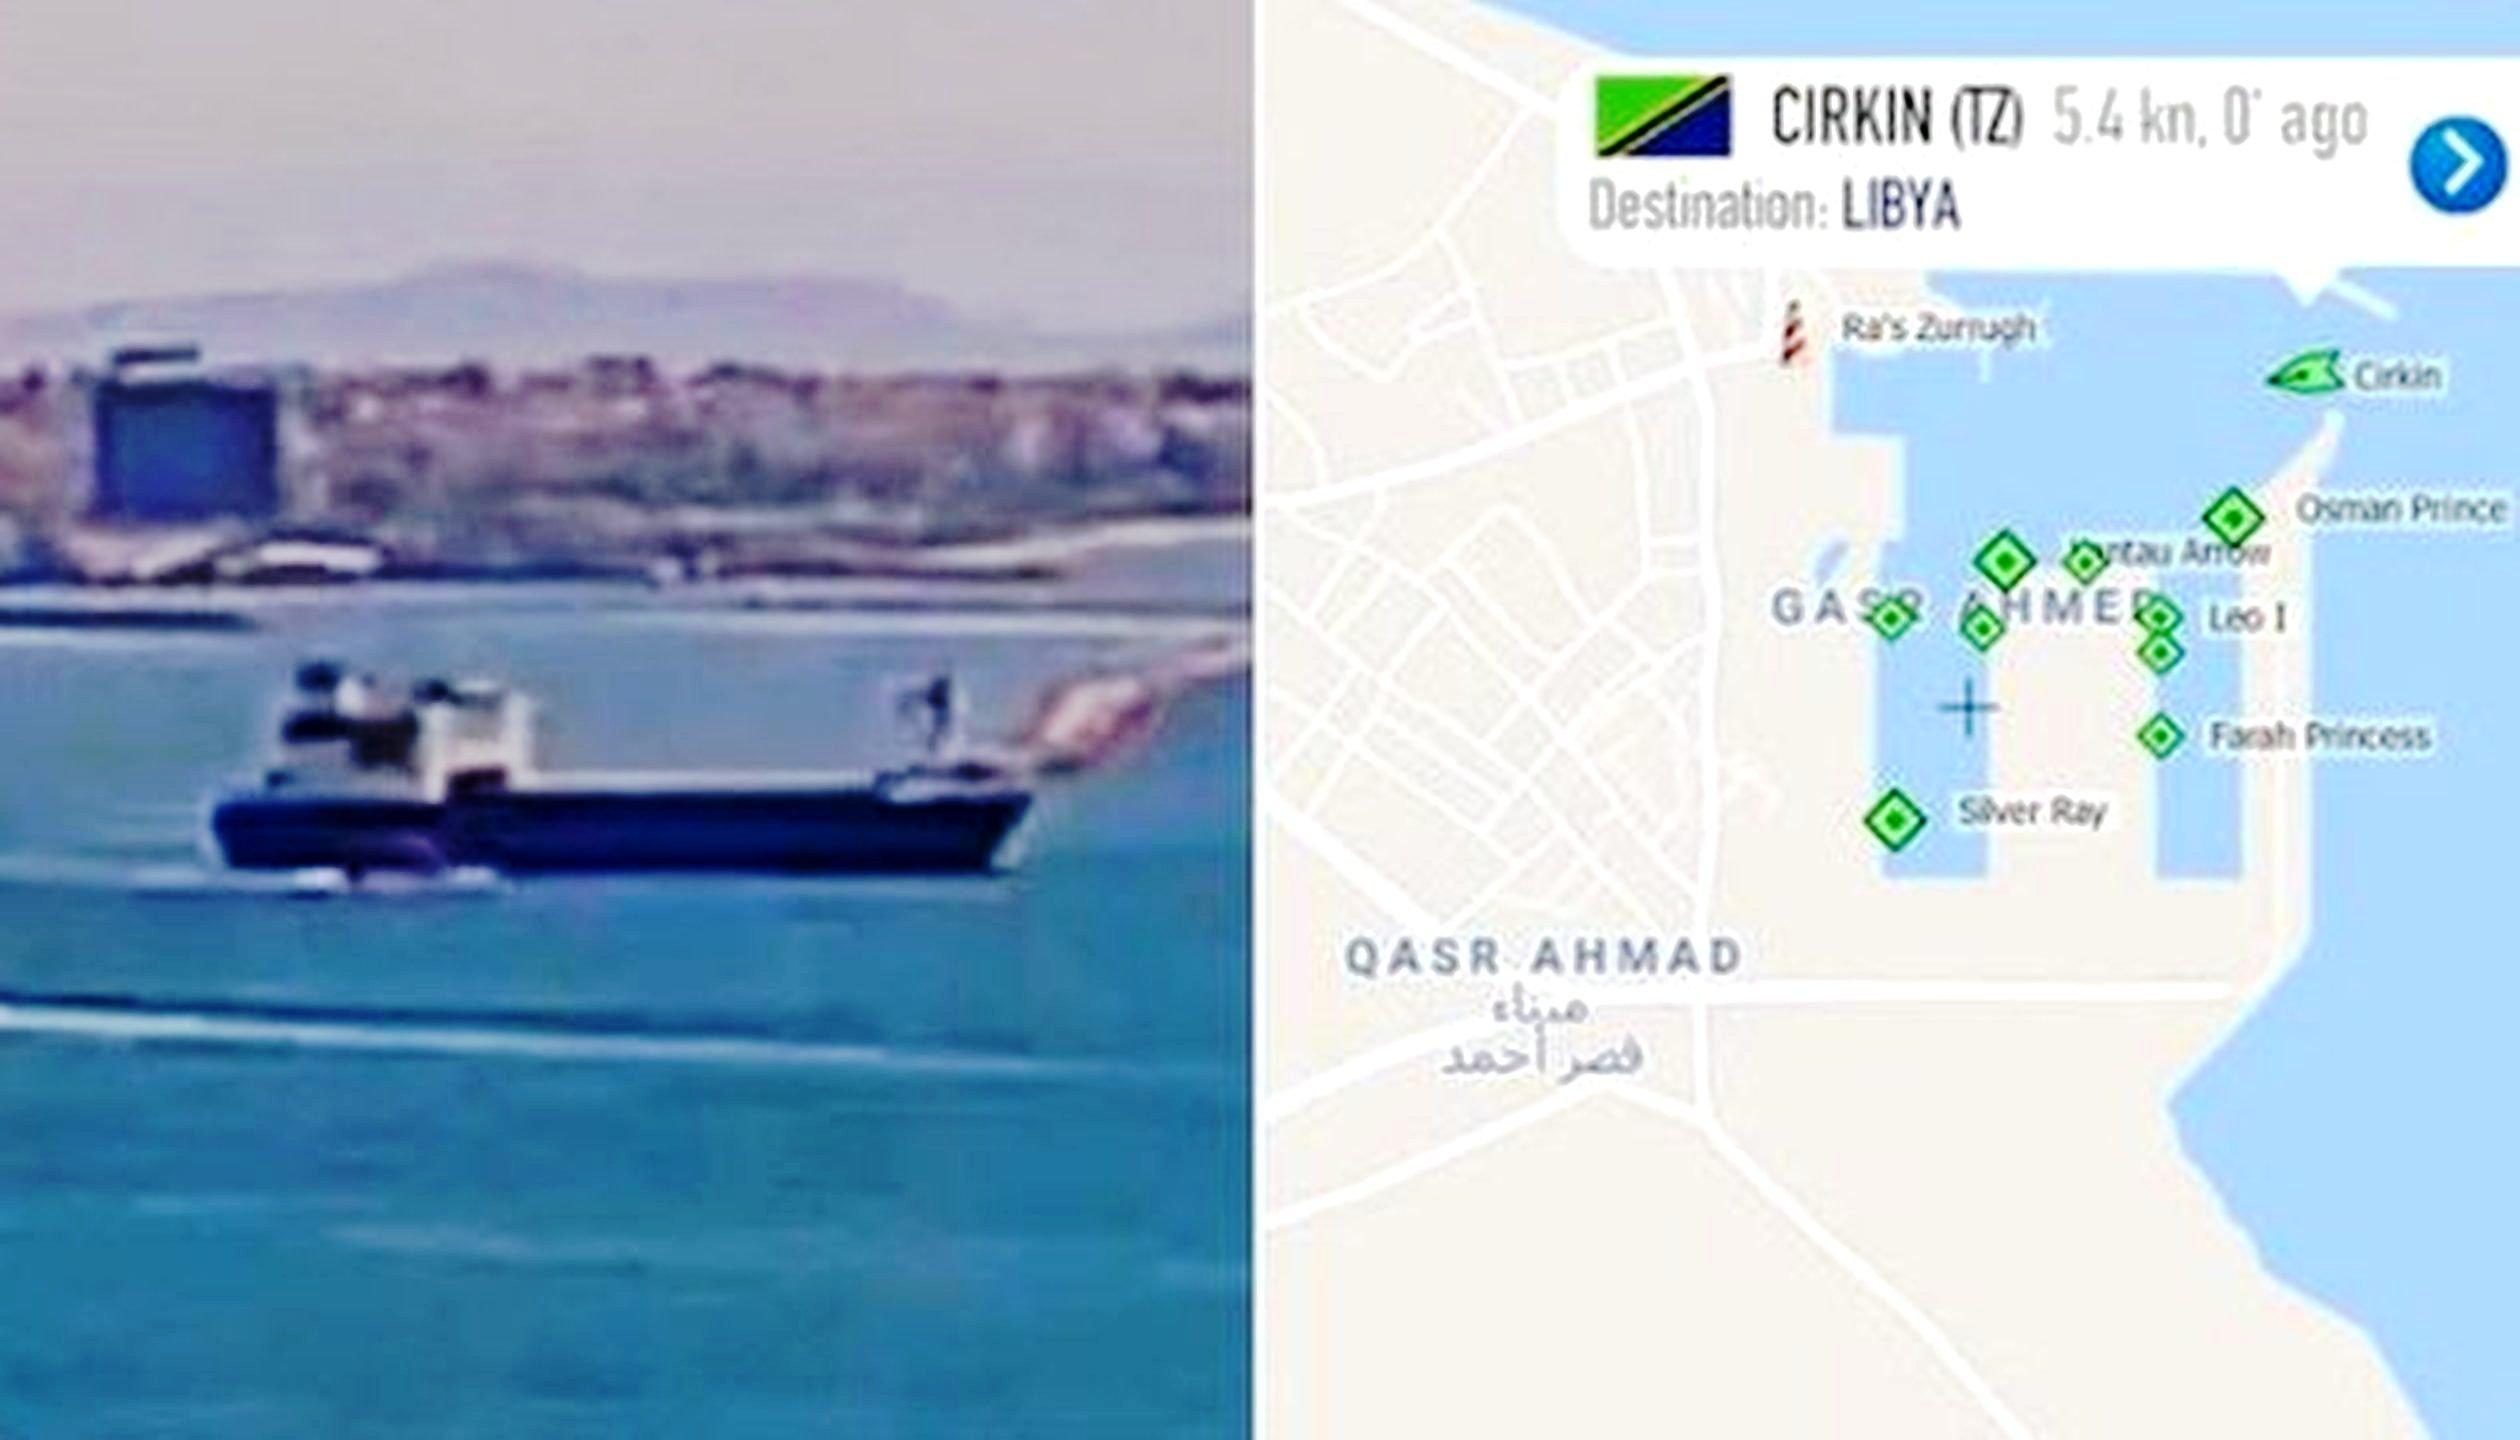 Το «Cirkin» που μεταφέρει όπλα από την Τουρκία στη Λιβύη «έδεσε» στη Μισράτα